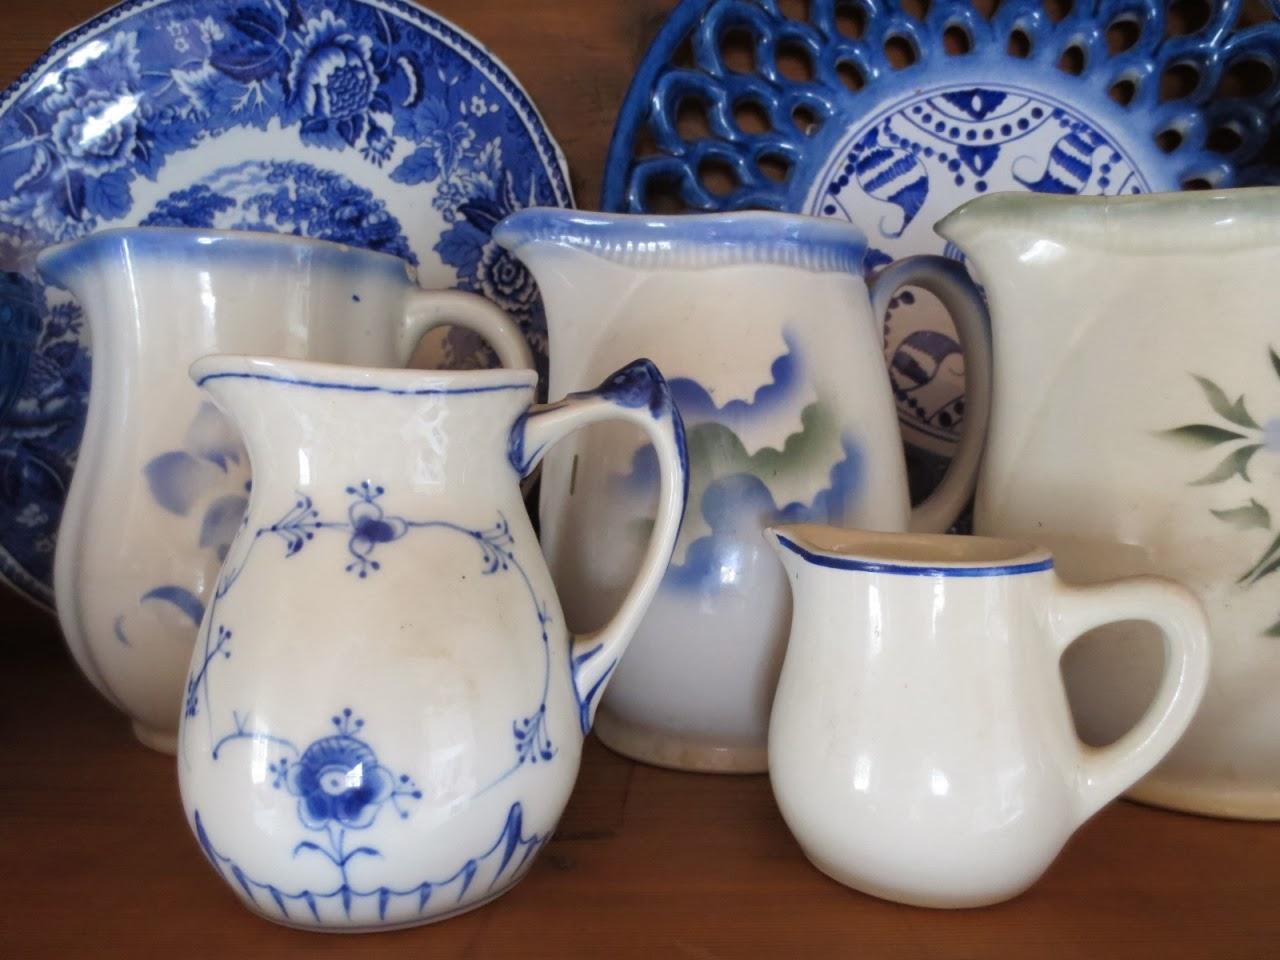 Arabian sinisävyiset vanhat posliiniastiat - kannu ja lautaset